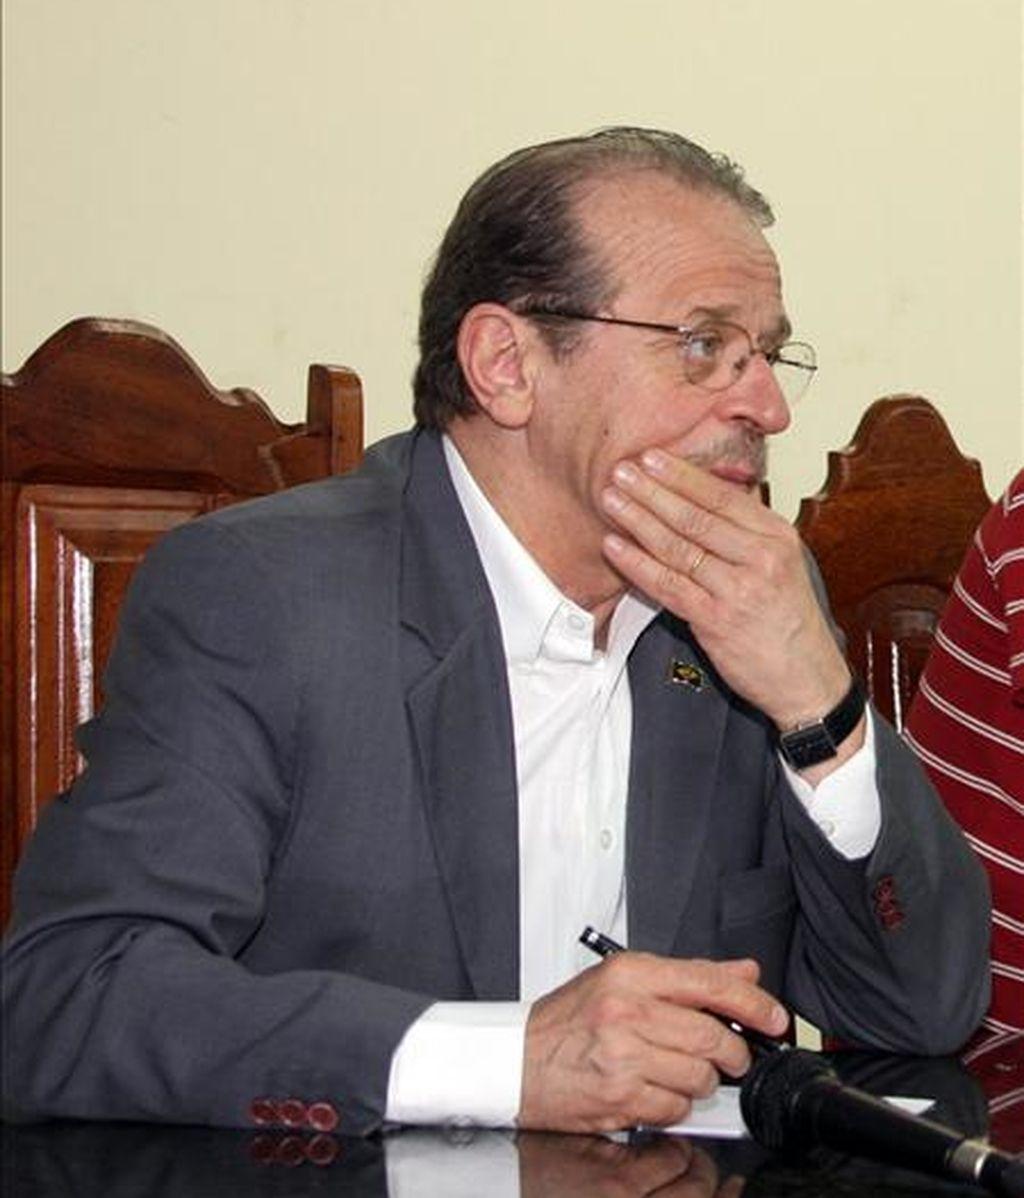 El ministro de Justicia brasileño, Tarso Genro, también aprovechará para reunirse con autoridades noruegas y discutir asuntos relativos a la cooperación policial entre ambos países. EFE/Archivo